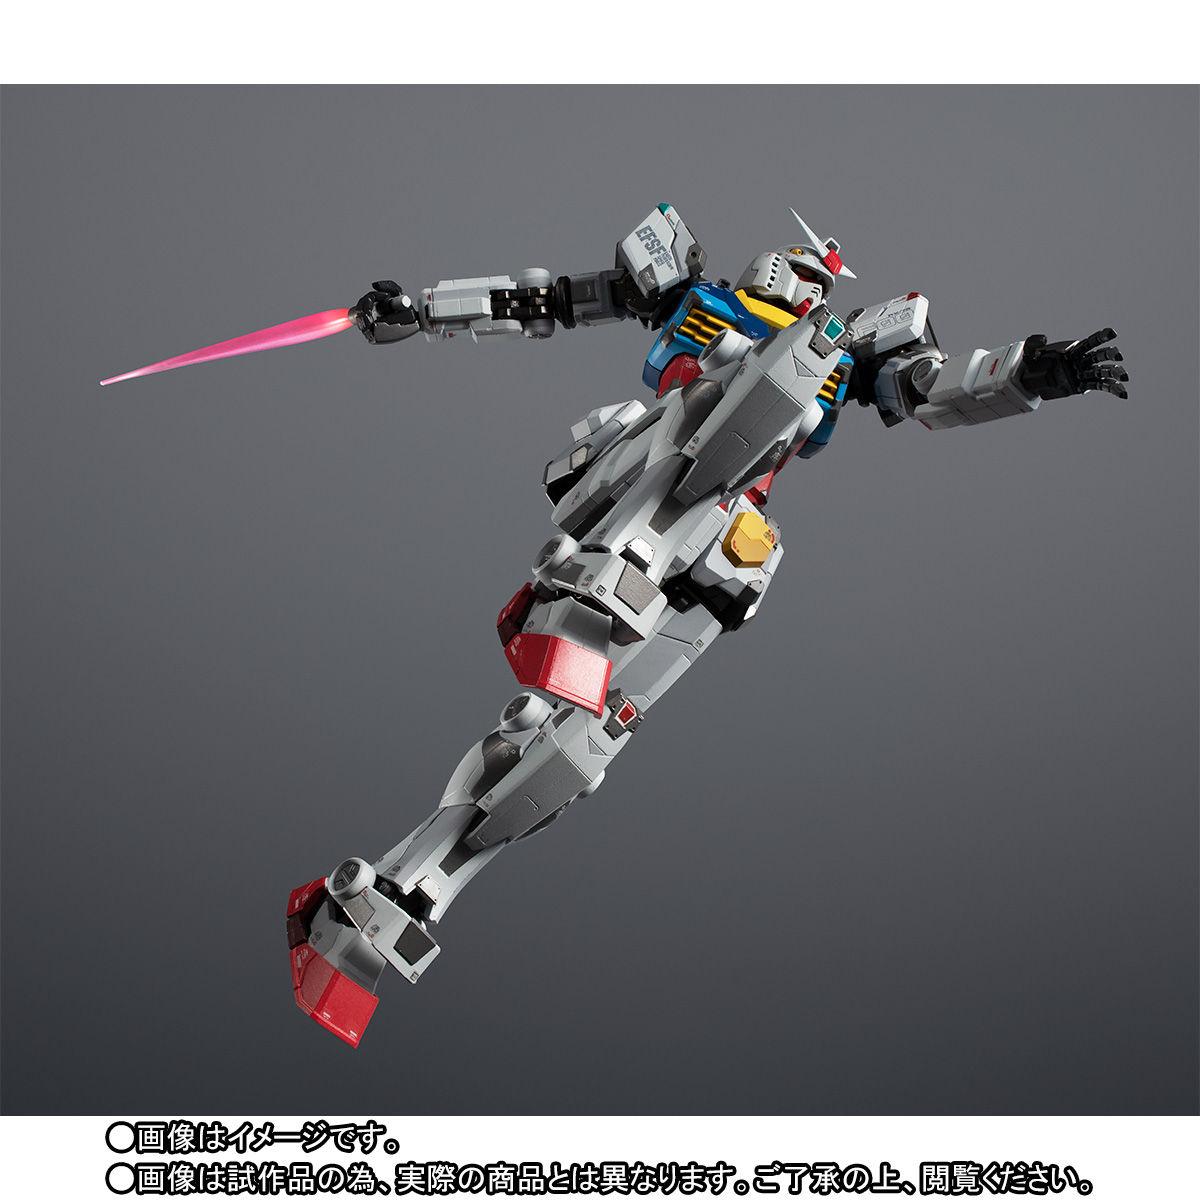 【限定販売】超合金×GUNDAM FACTORY YOKOHAMA『RX-78F00 GUNDAM』可動フィギュア-007